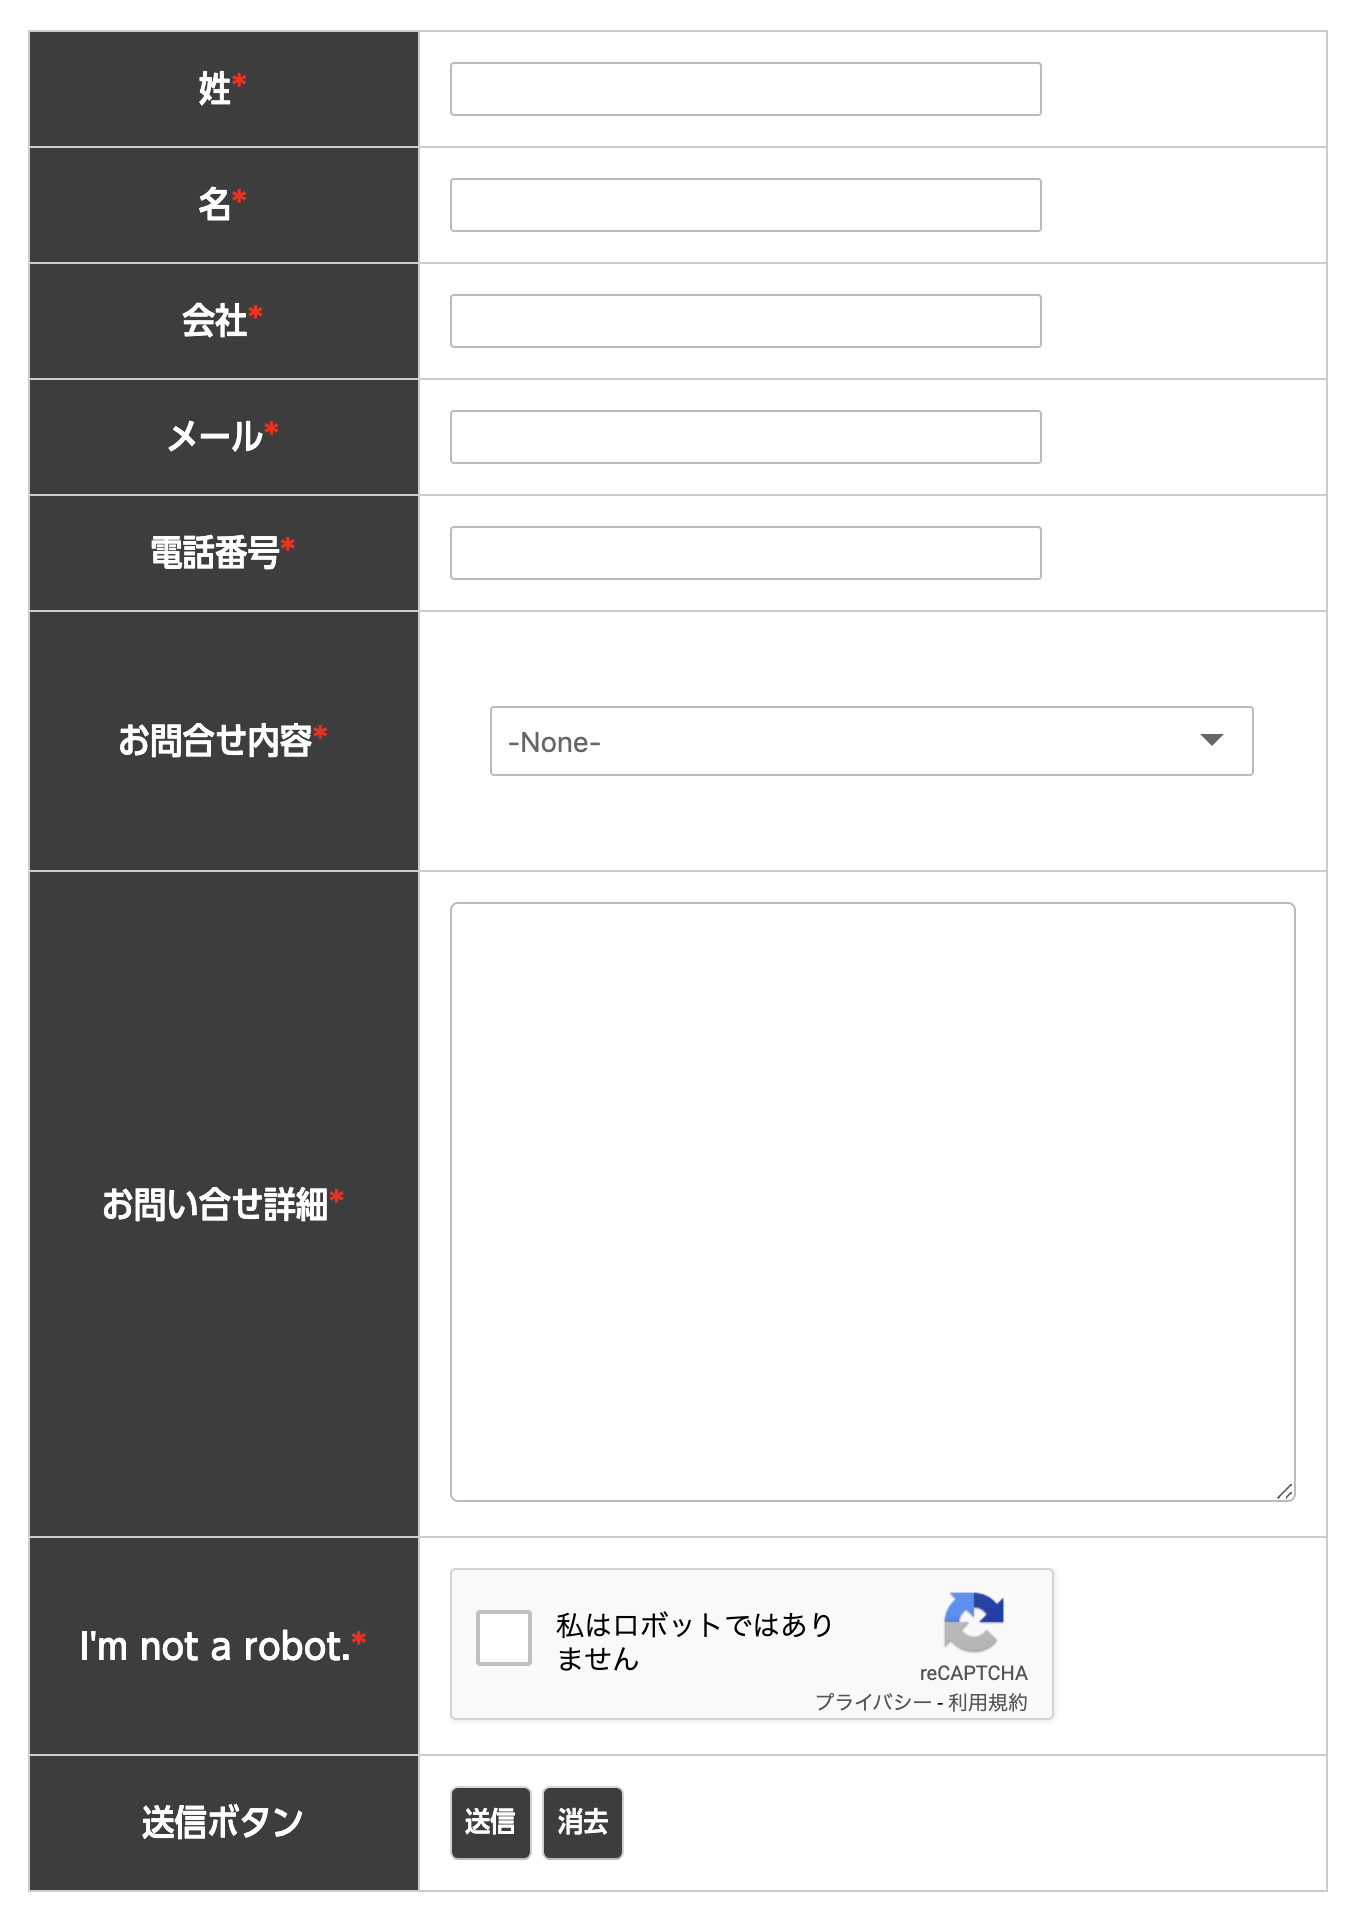 スクリーンショット 2020-01-15 13.28.56